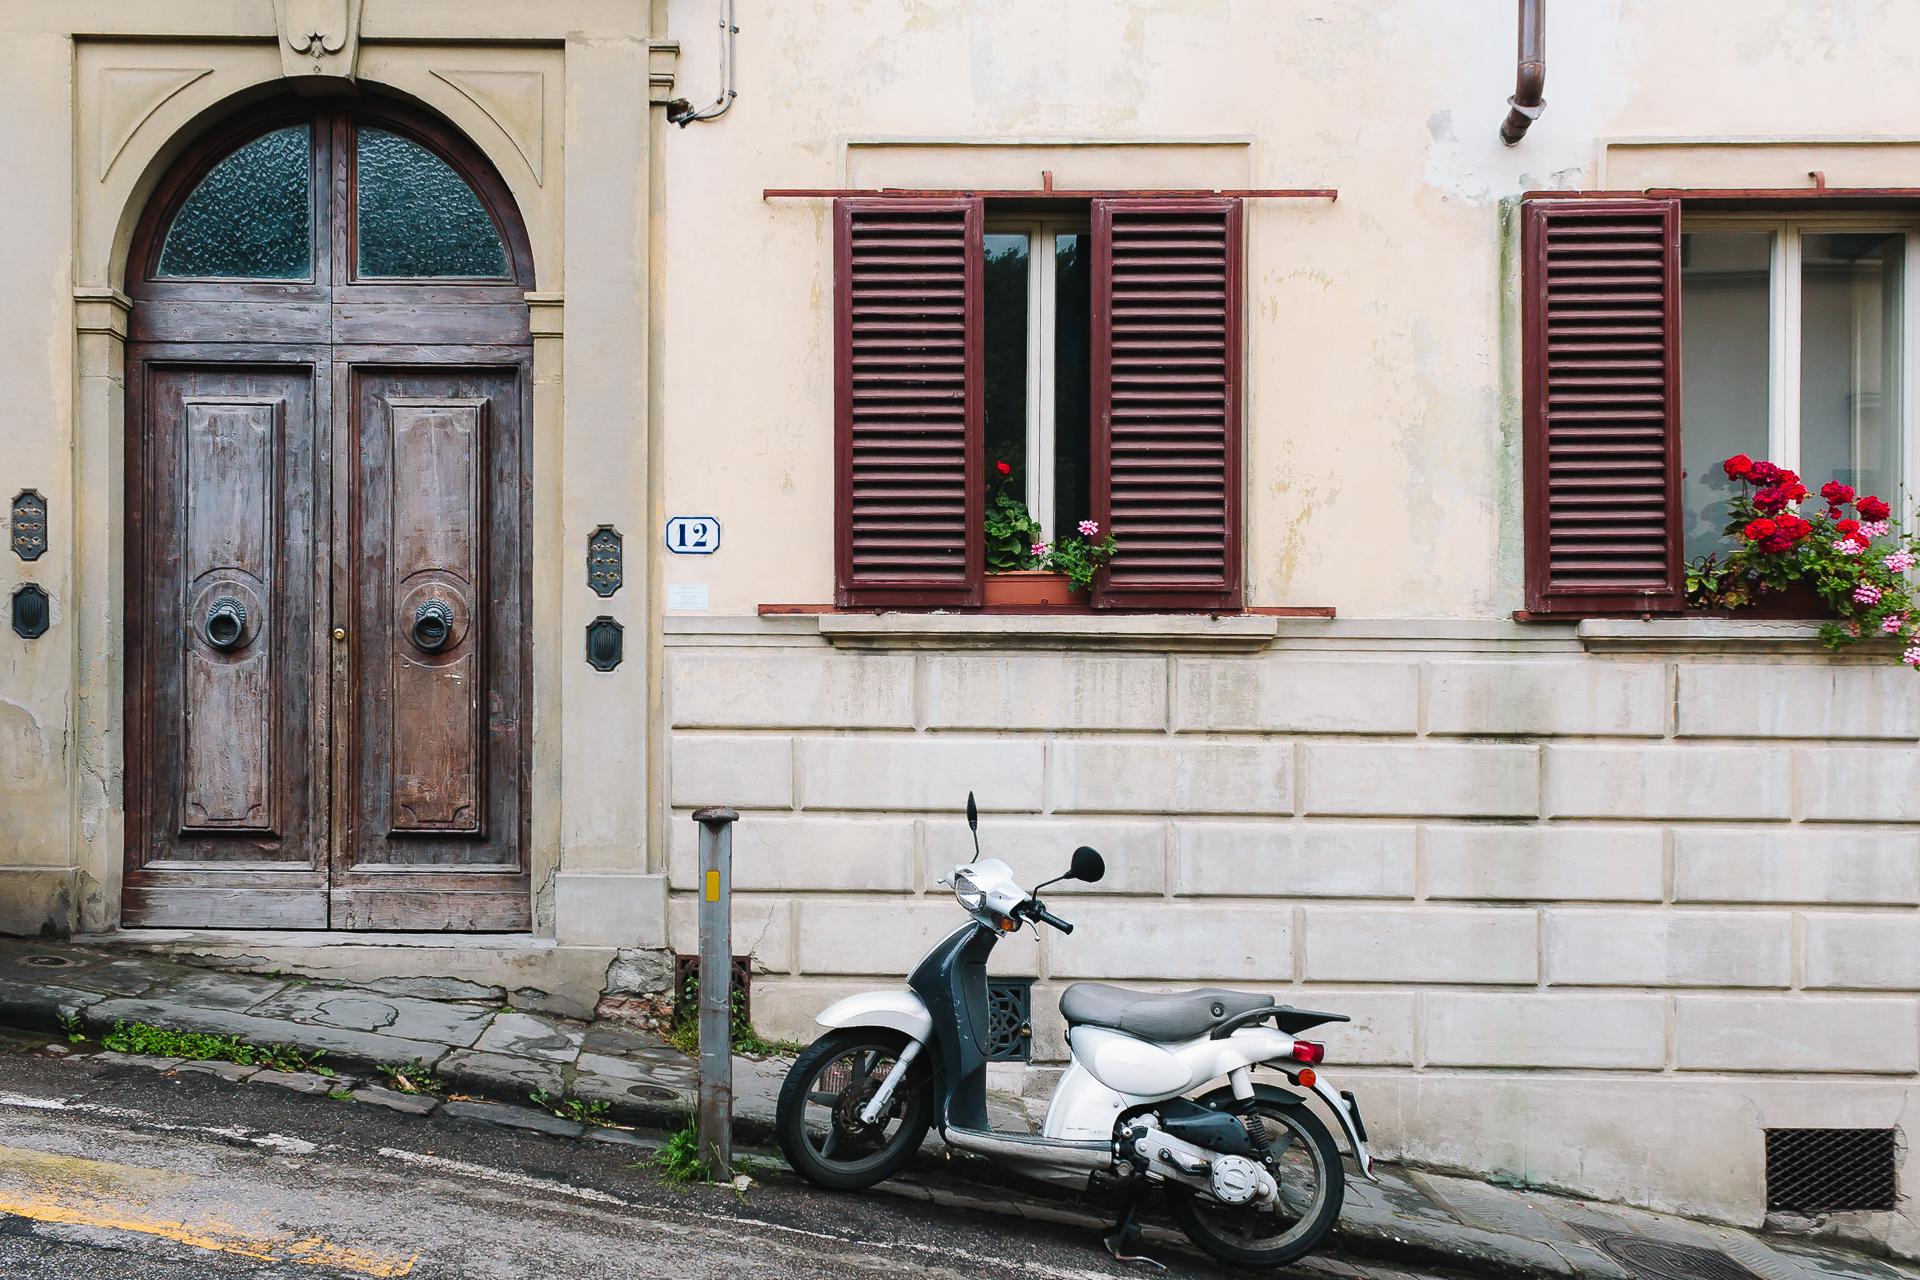 Streets in Florence, Italy, Italia, Firenze, Tuscany, Toscana